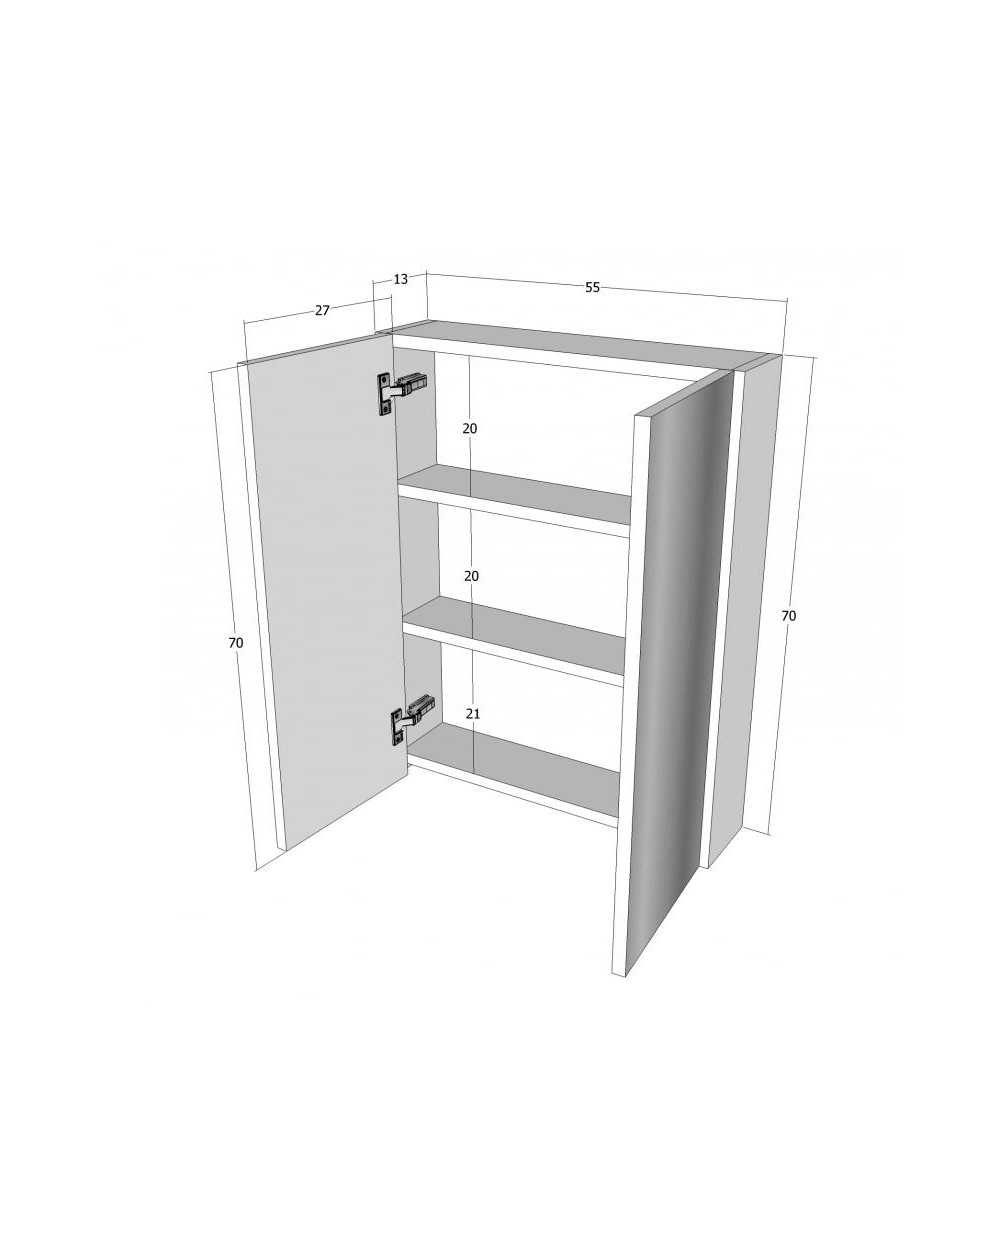 Meuble de salle de bain, 2 portes, 70 x 55 x 15 cm, blanc.